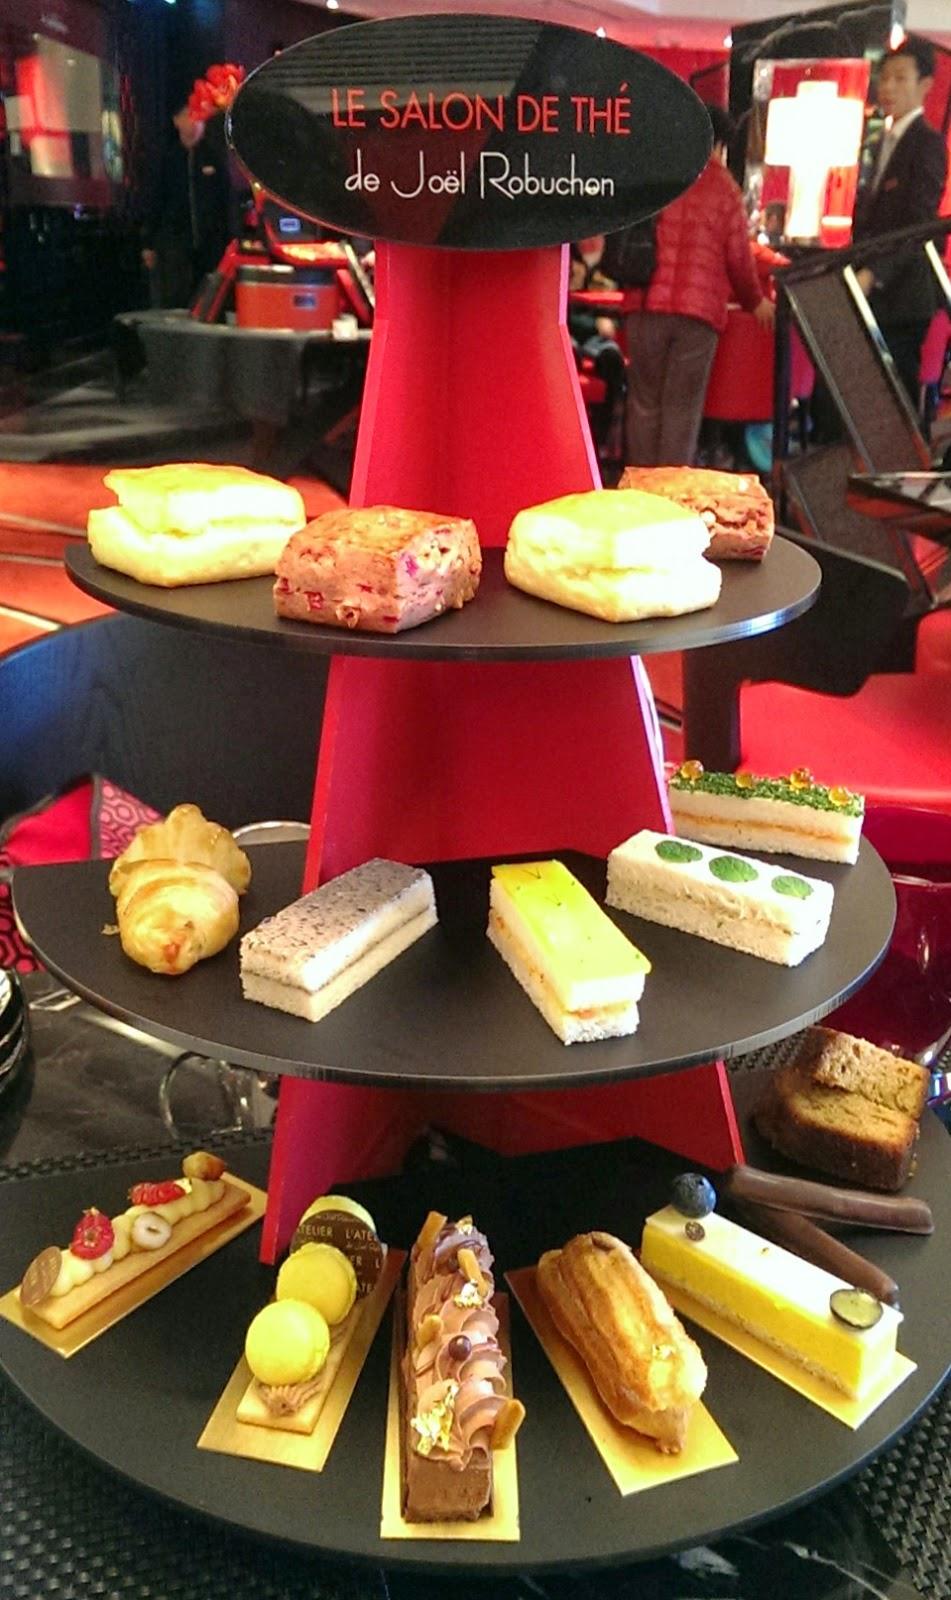 E ting le salon de th de jo l robuchon afternoon tea - Salon de joel robuchon ...